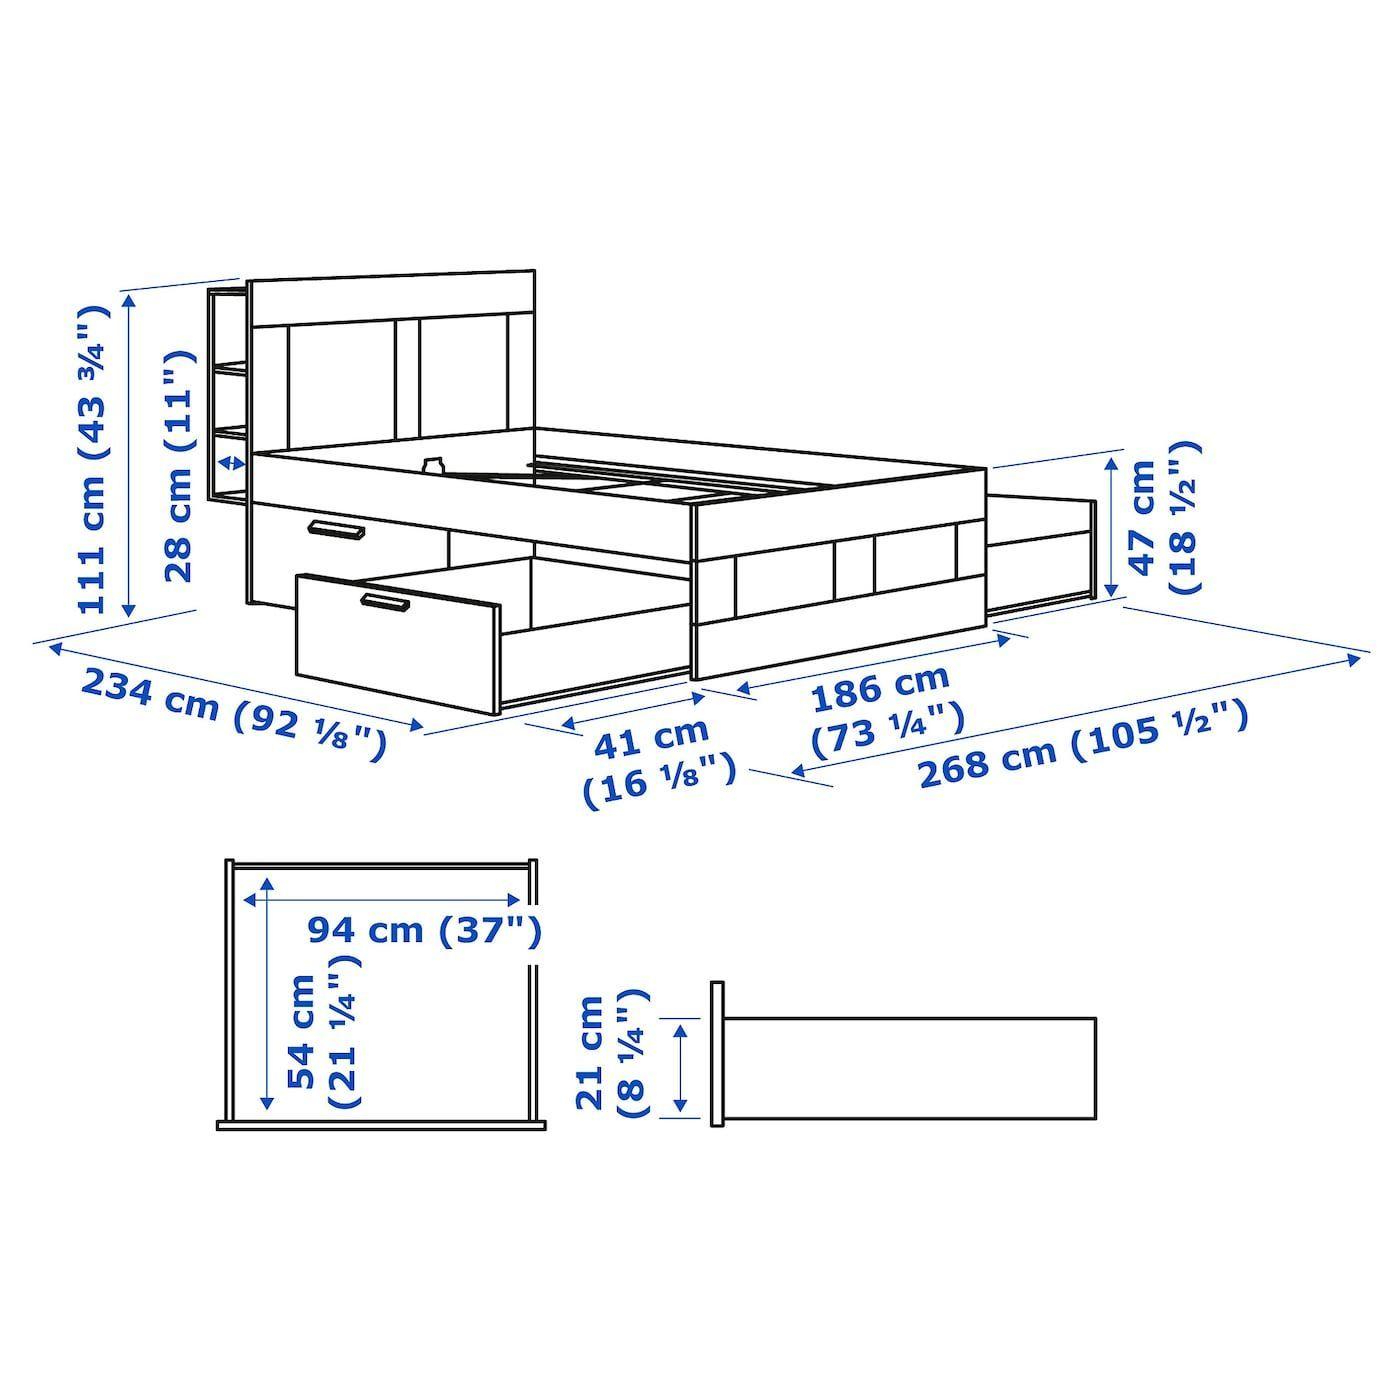 Ikea Brimnes Bettrahmen Kopfteil Und Schublade Weiss Lonset Products Ikea Brimnes Bettrahmen Kopf In 2020 Brimnes Bett Bettgestell Selbstgemachte Bettrahmen